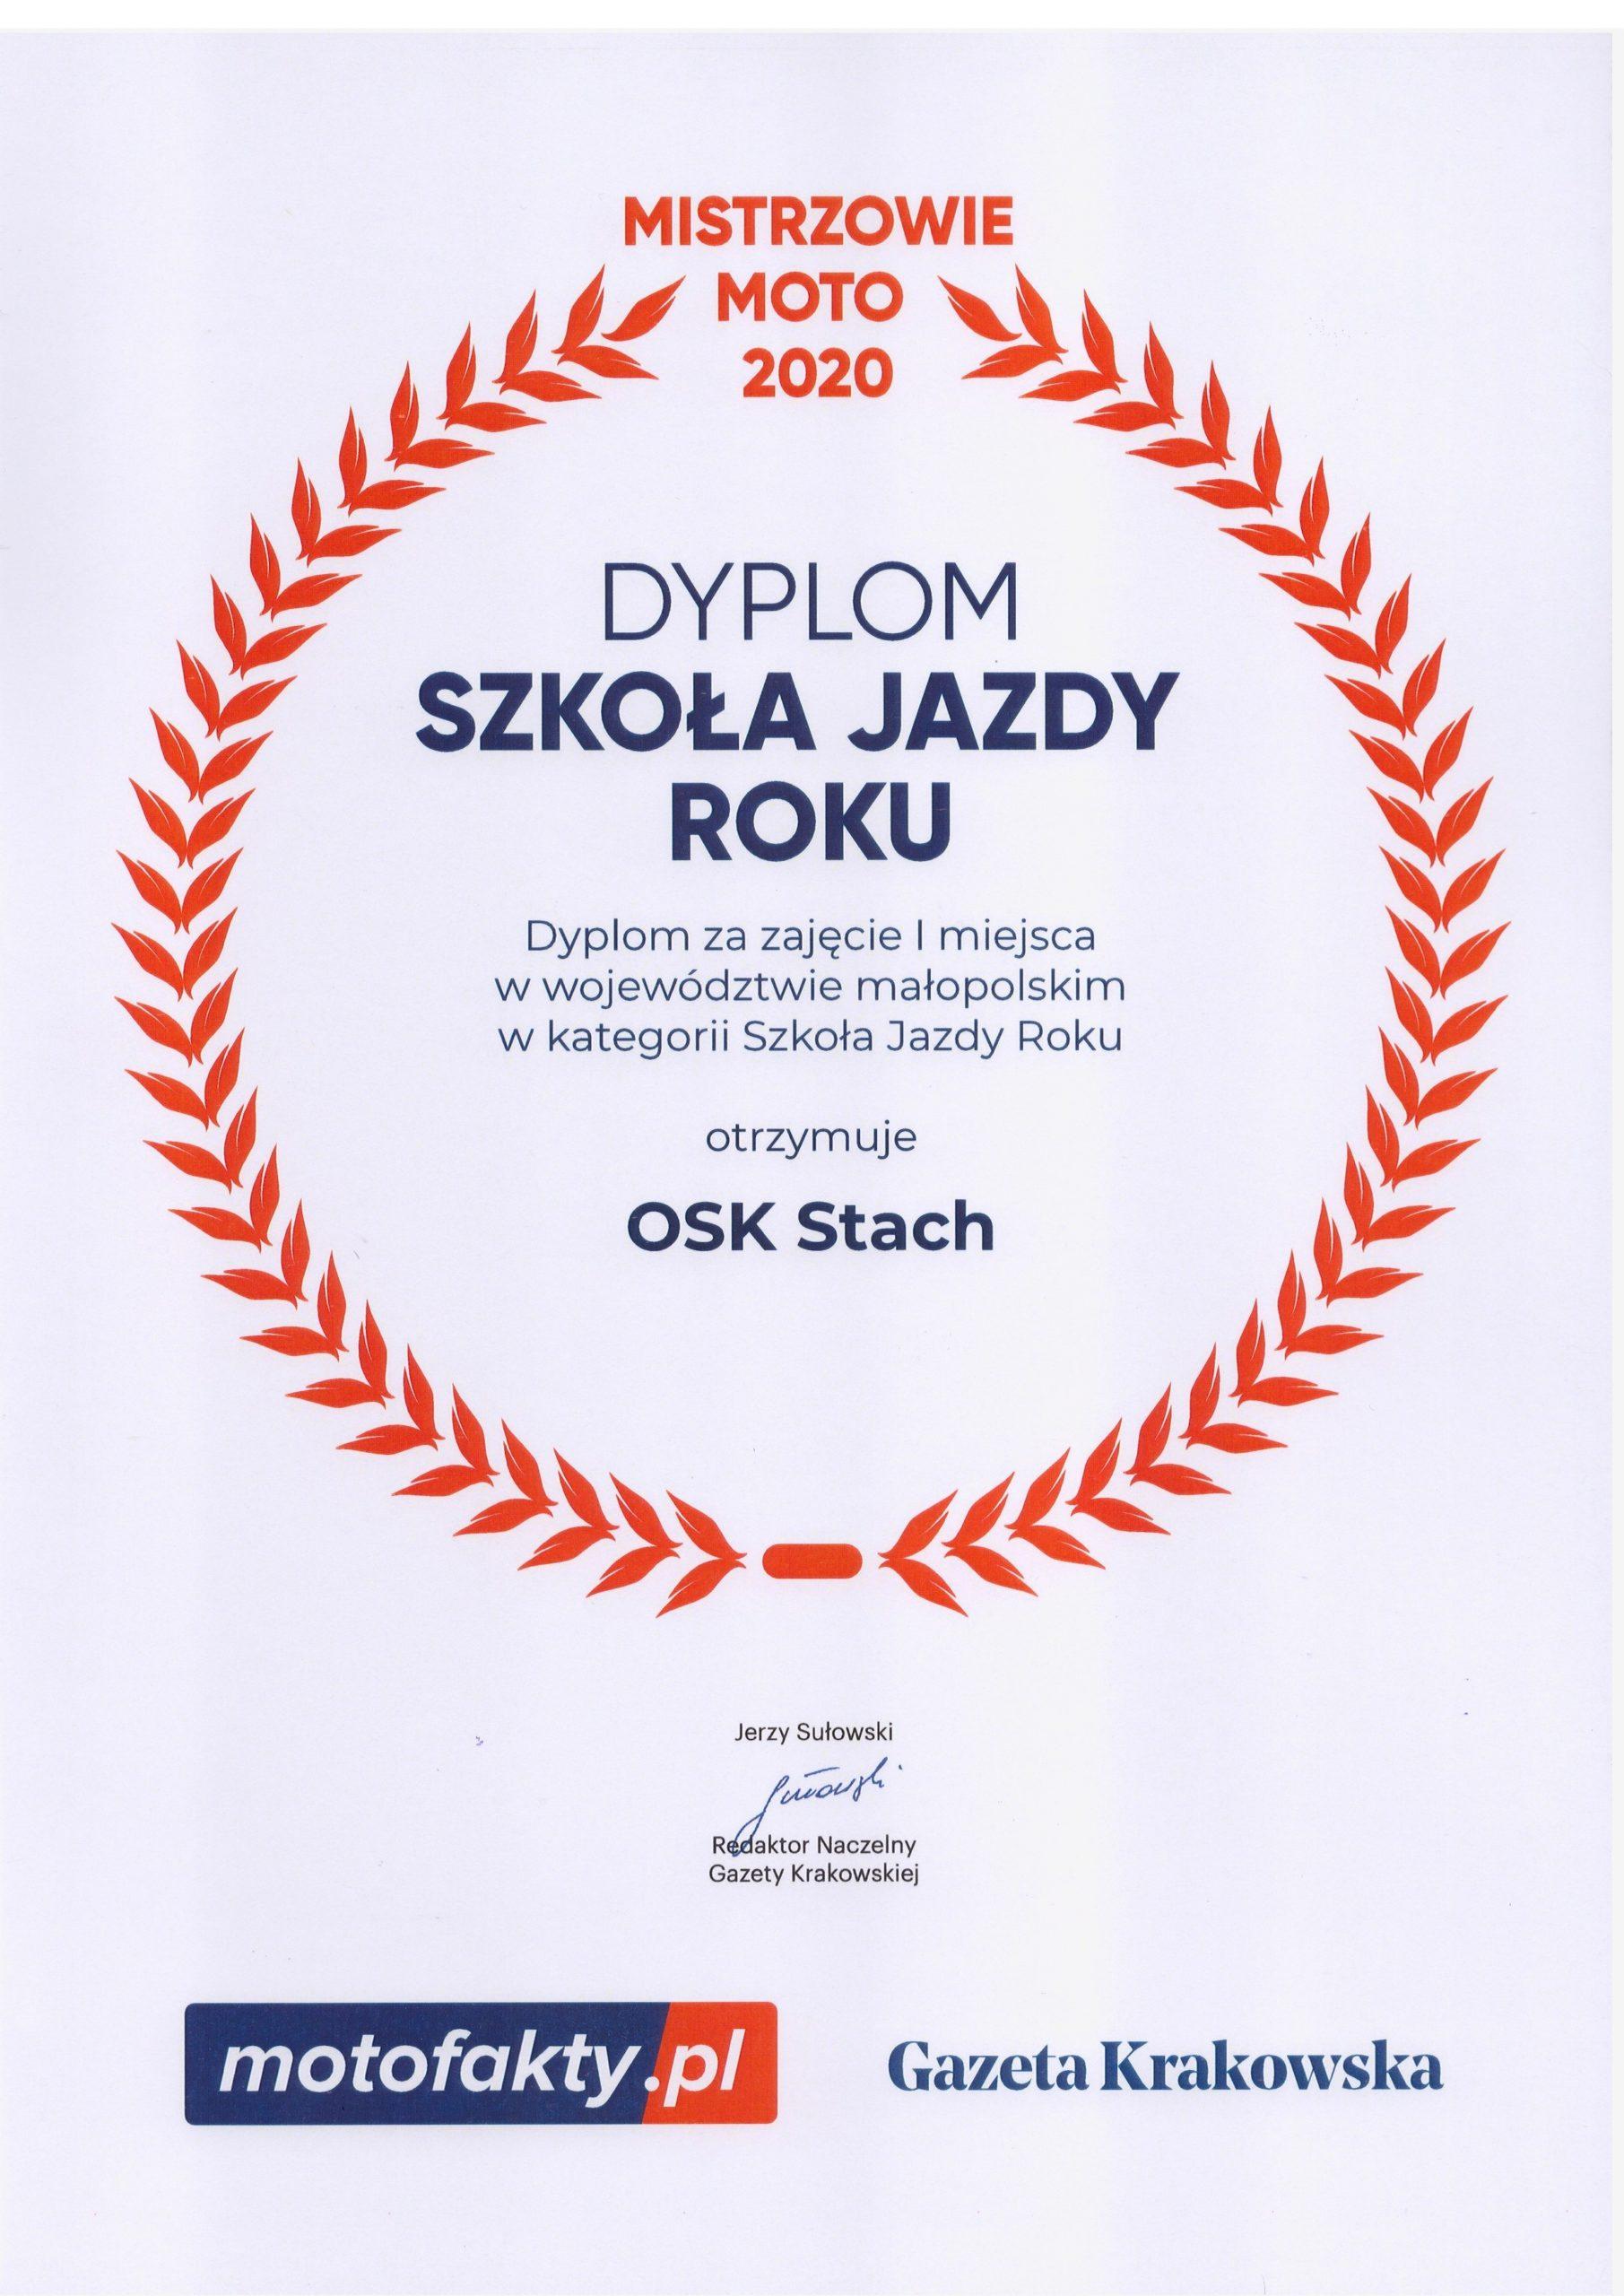 Dyplom Mistrzowie Moto 2020 - Szkoła jazdy roku